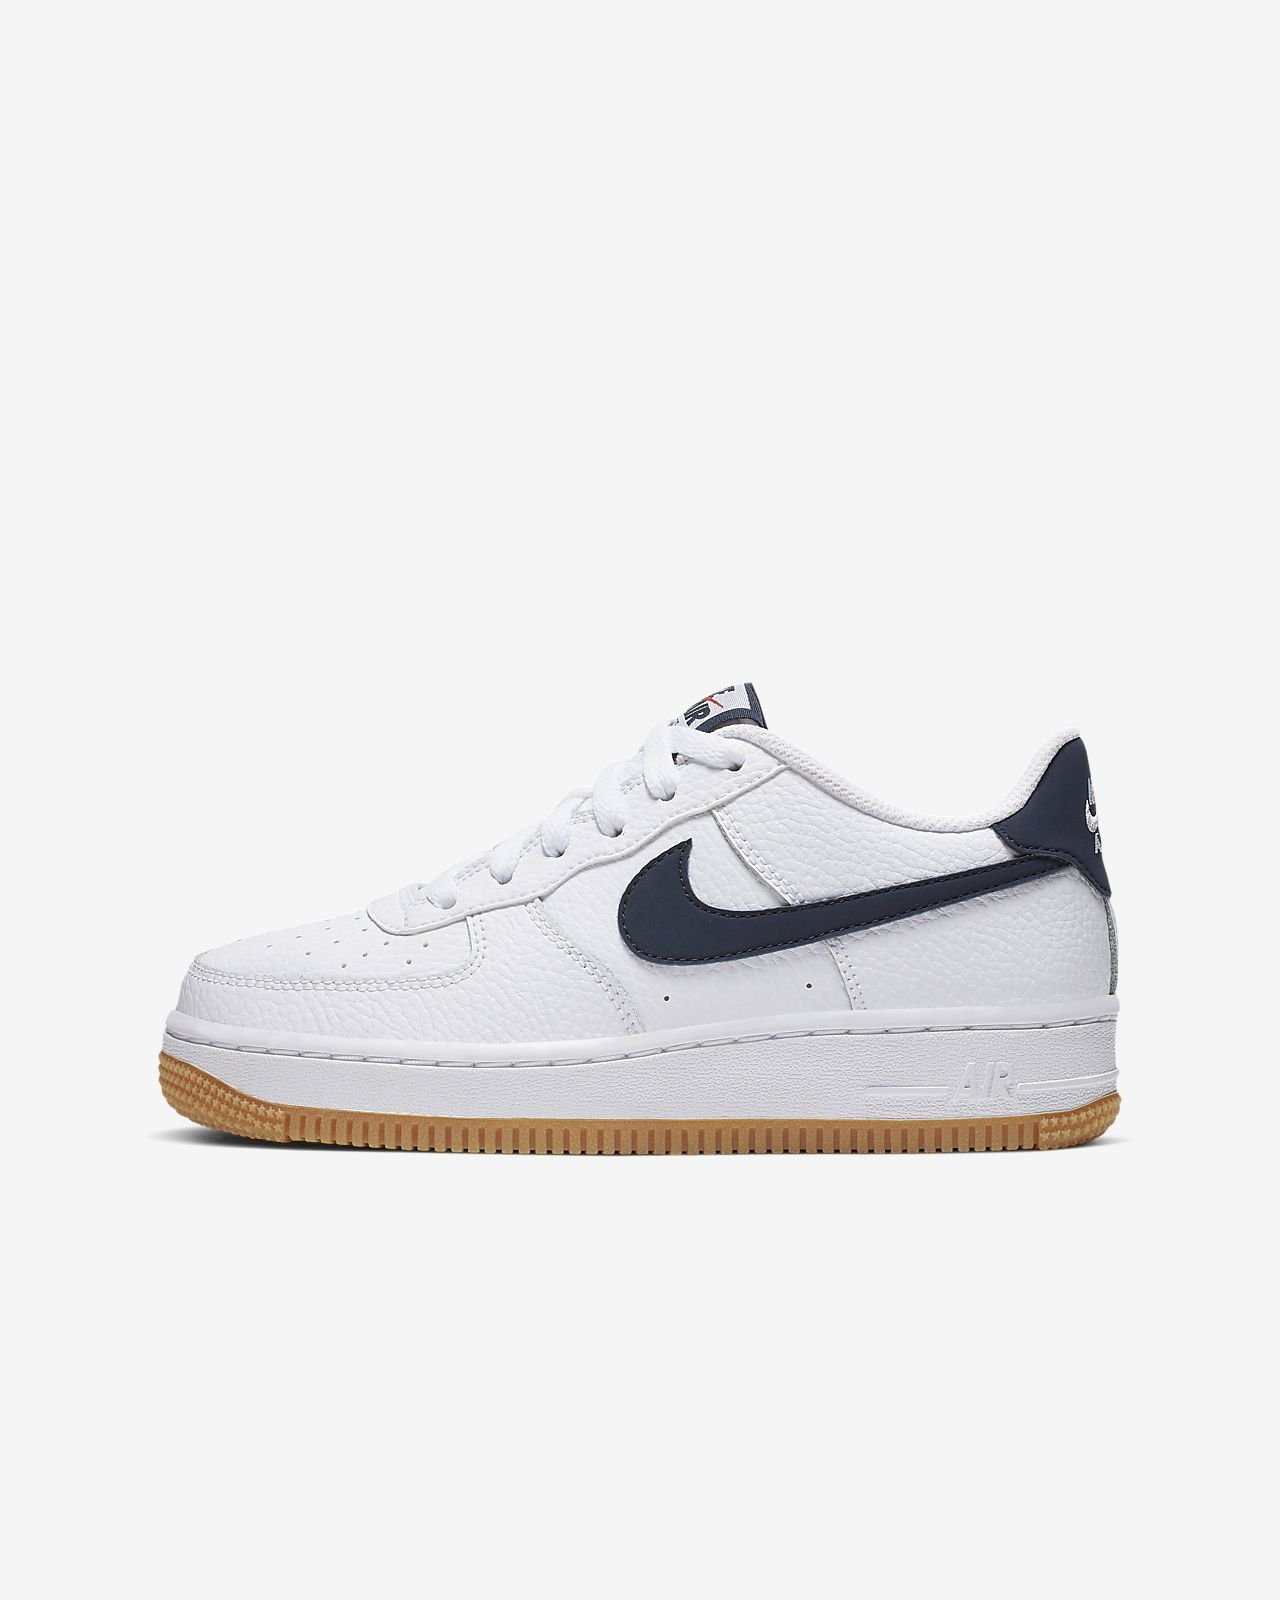 meilleure sélection 1cb6d 6b2b6 Chaussure Nike Air Force 1-2 pour Enfant plus âgé